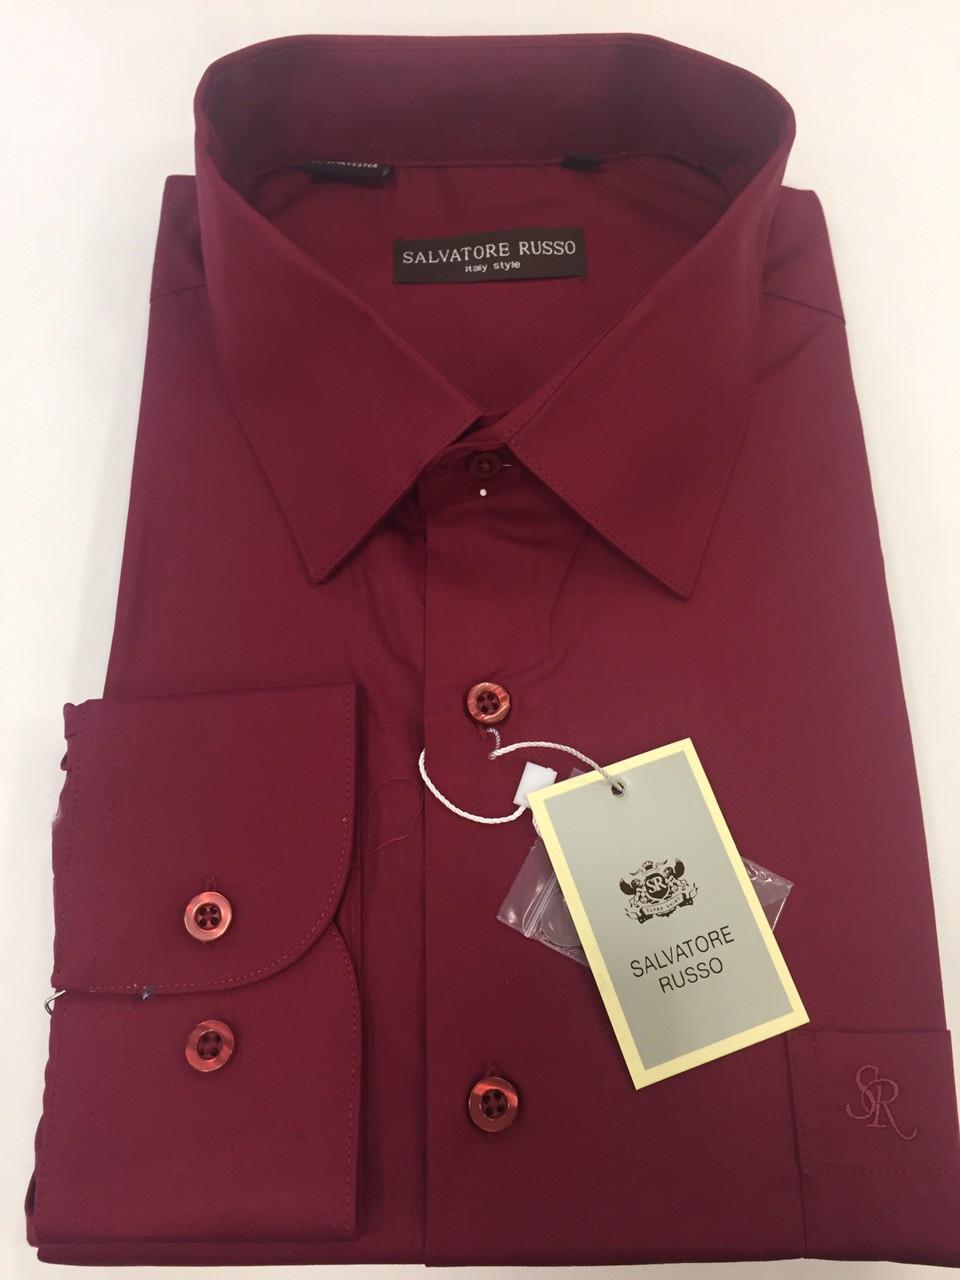 Рубашка мужская Salvatore Russo модель 7332